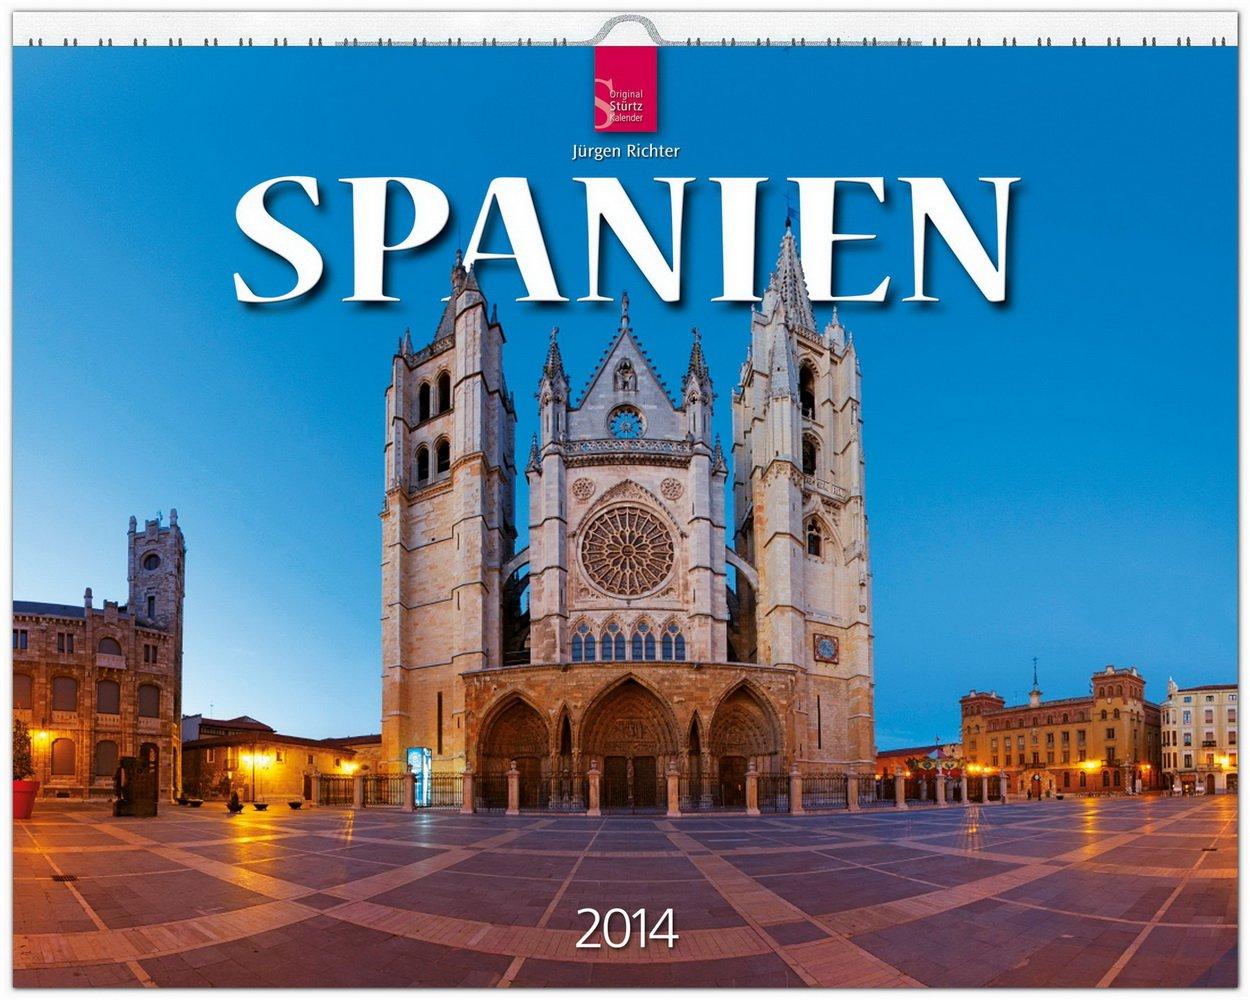 Spanien 2014: Original Stürtz-Kalender - Großformat-Kalender 60 x 48 cm [Spiralbindung]